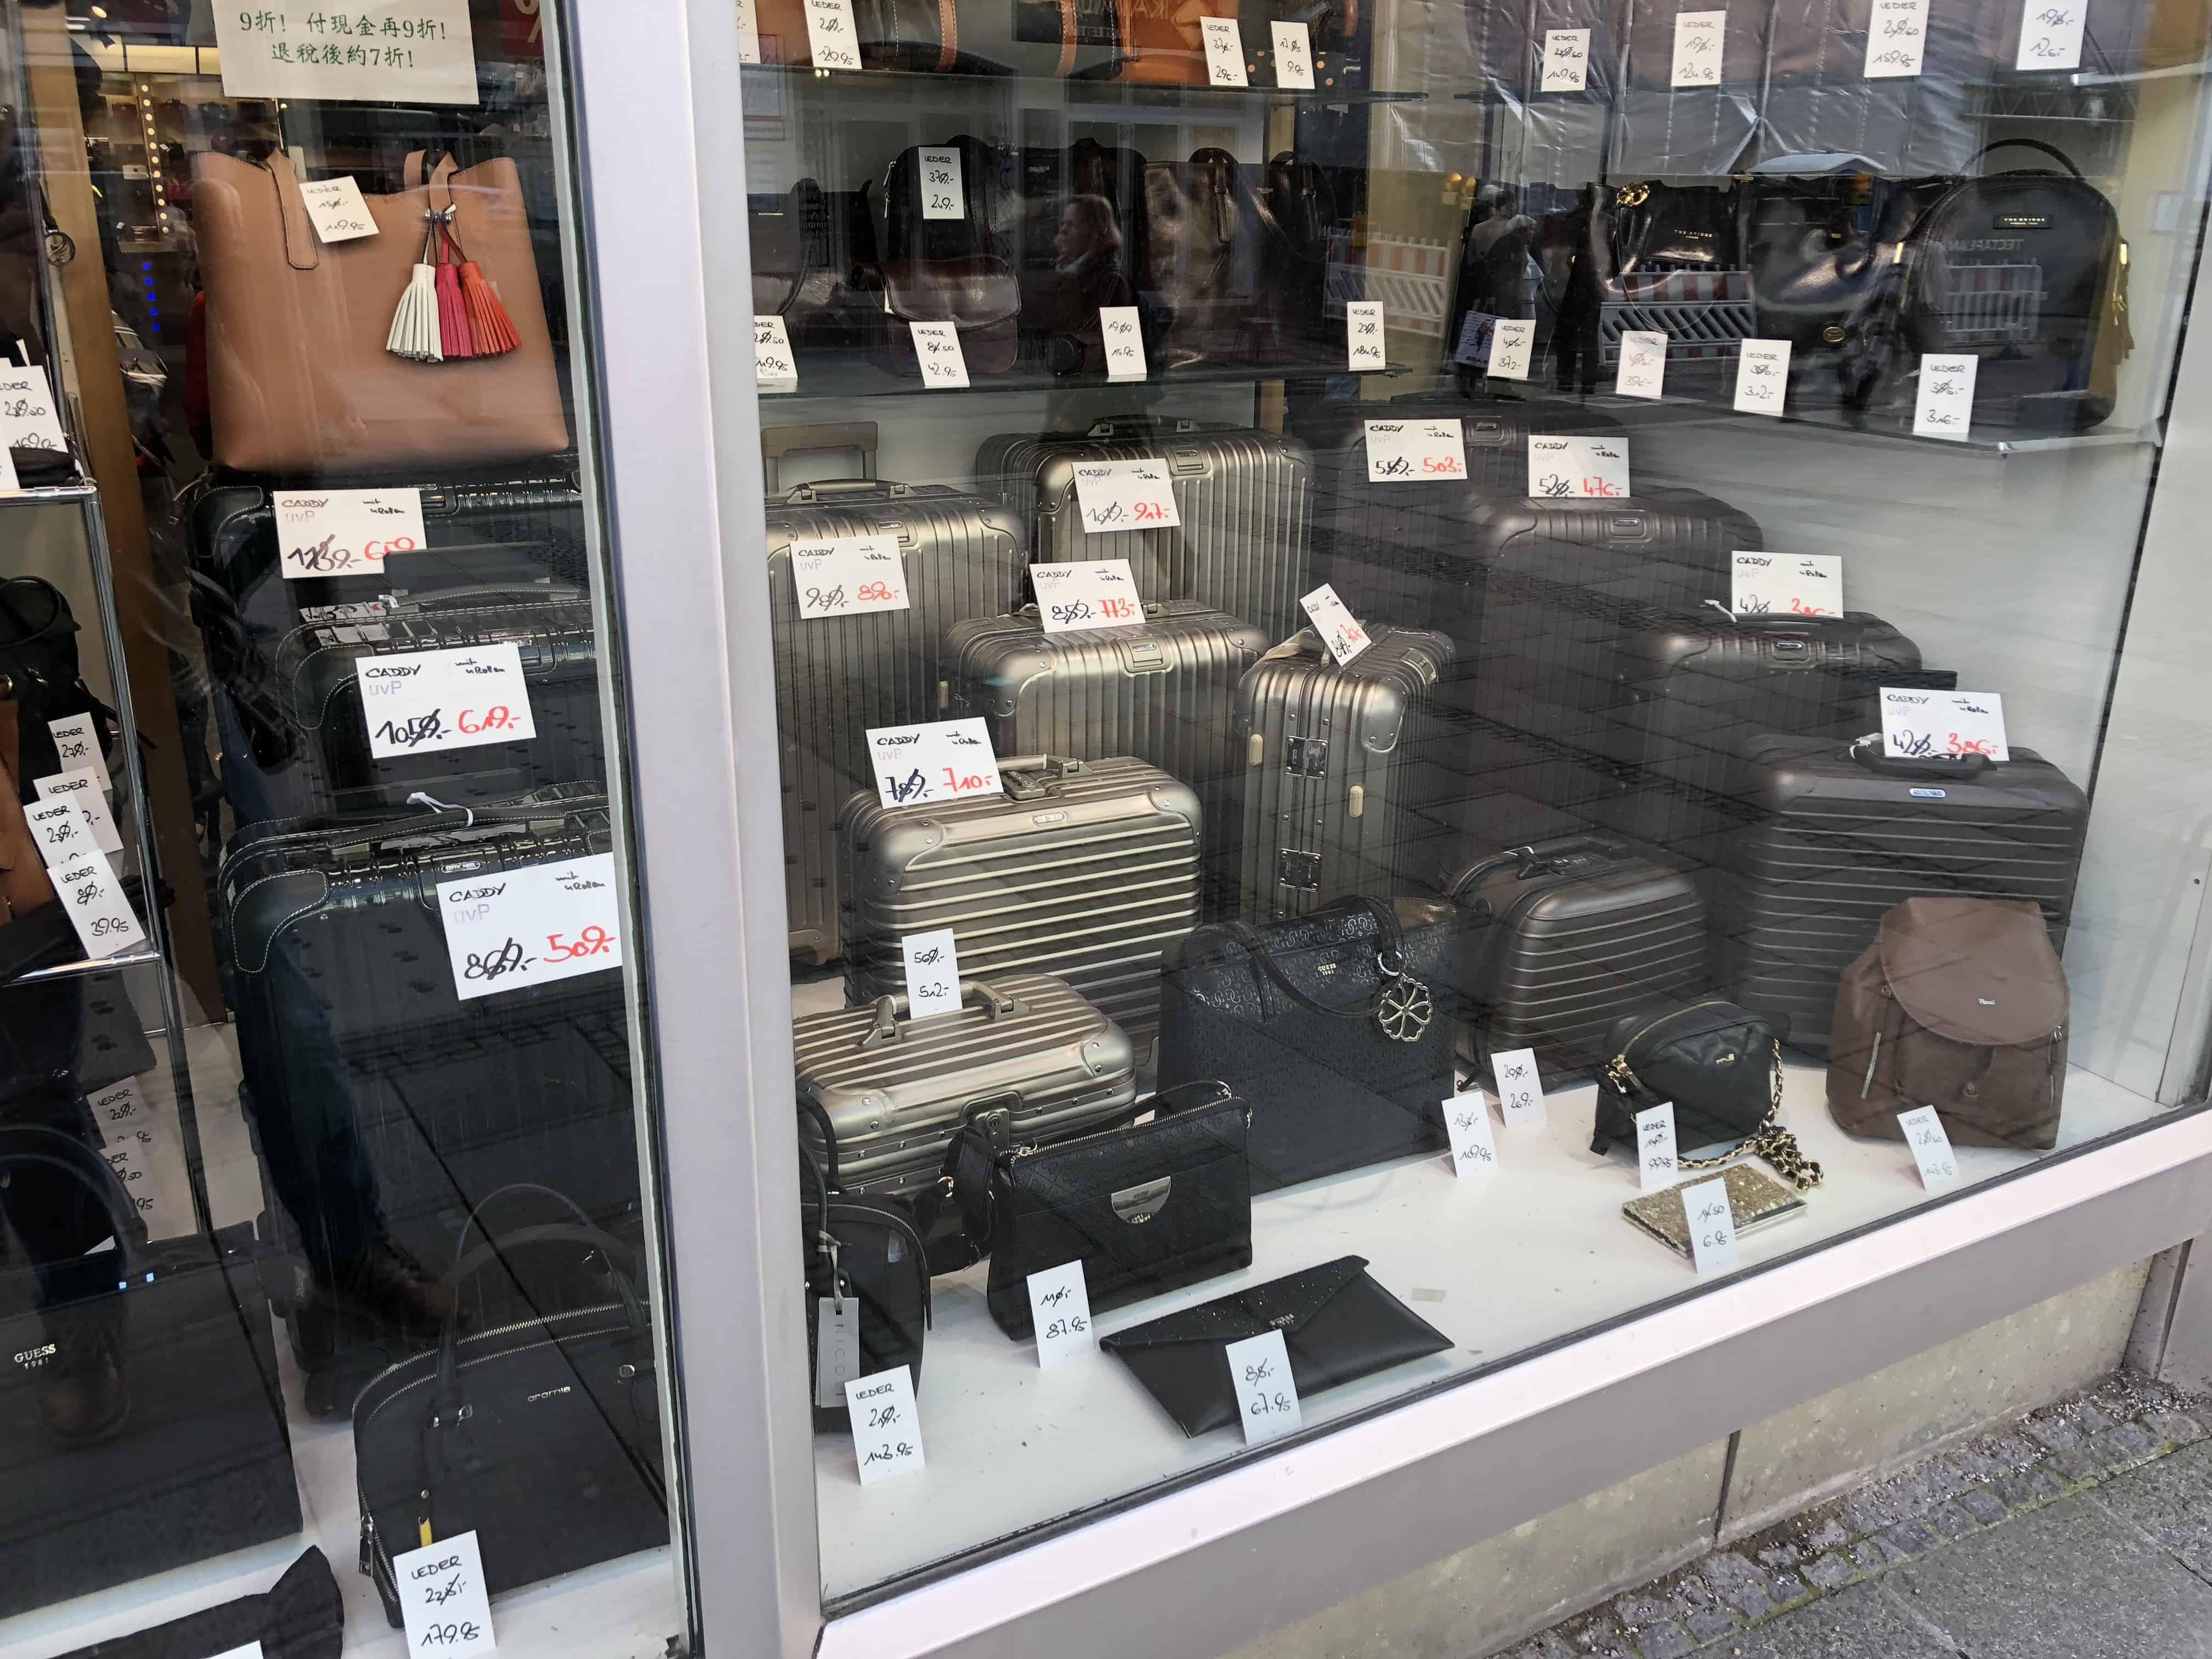 outlet von rimowa wie man rimowa mit rabatt kaufen kann. Black Bedroom Furniture Sets. Home Design Ideas